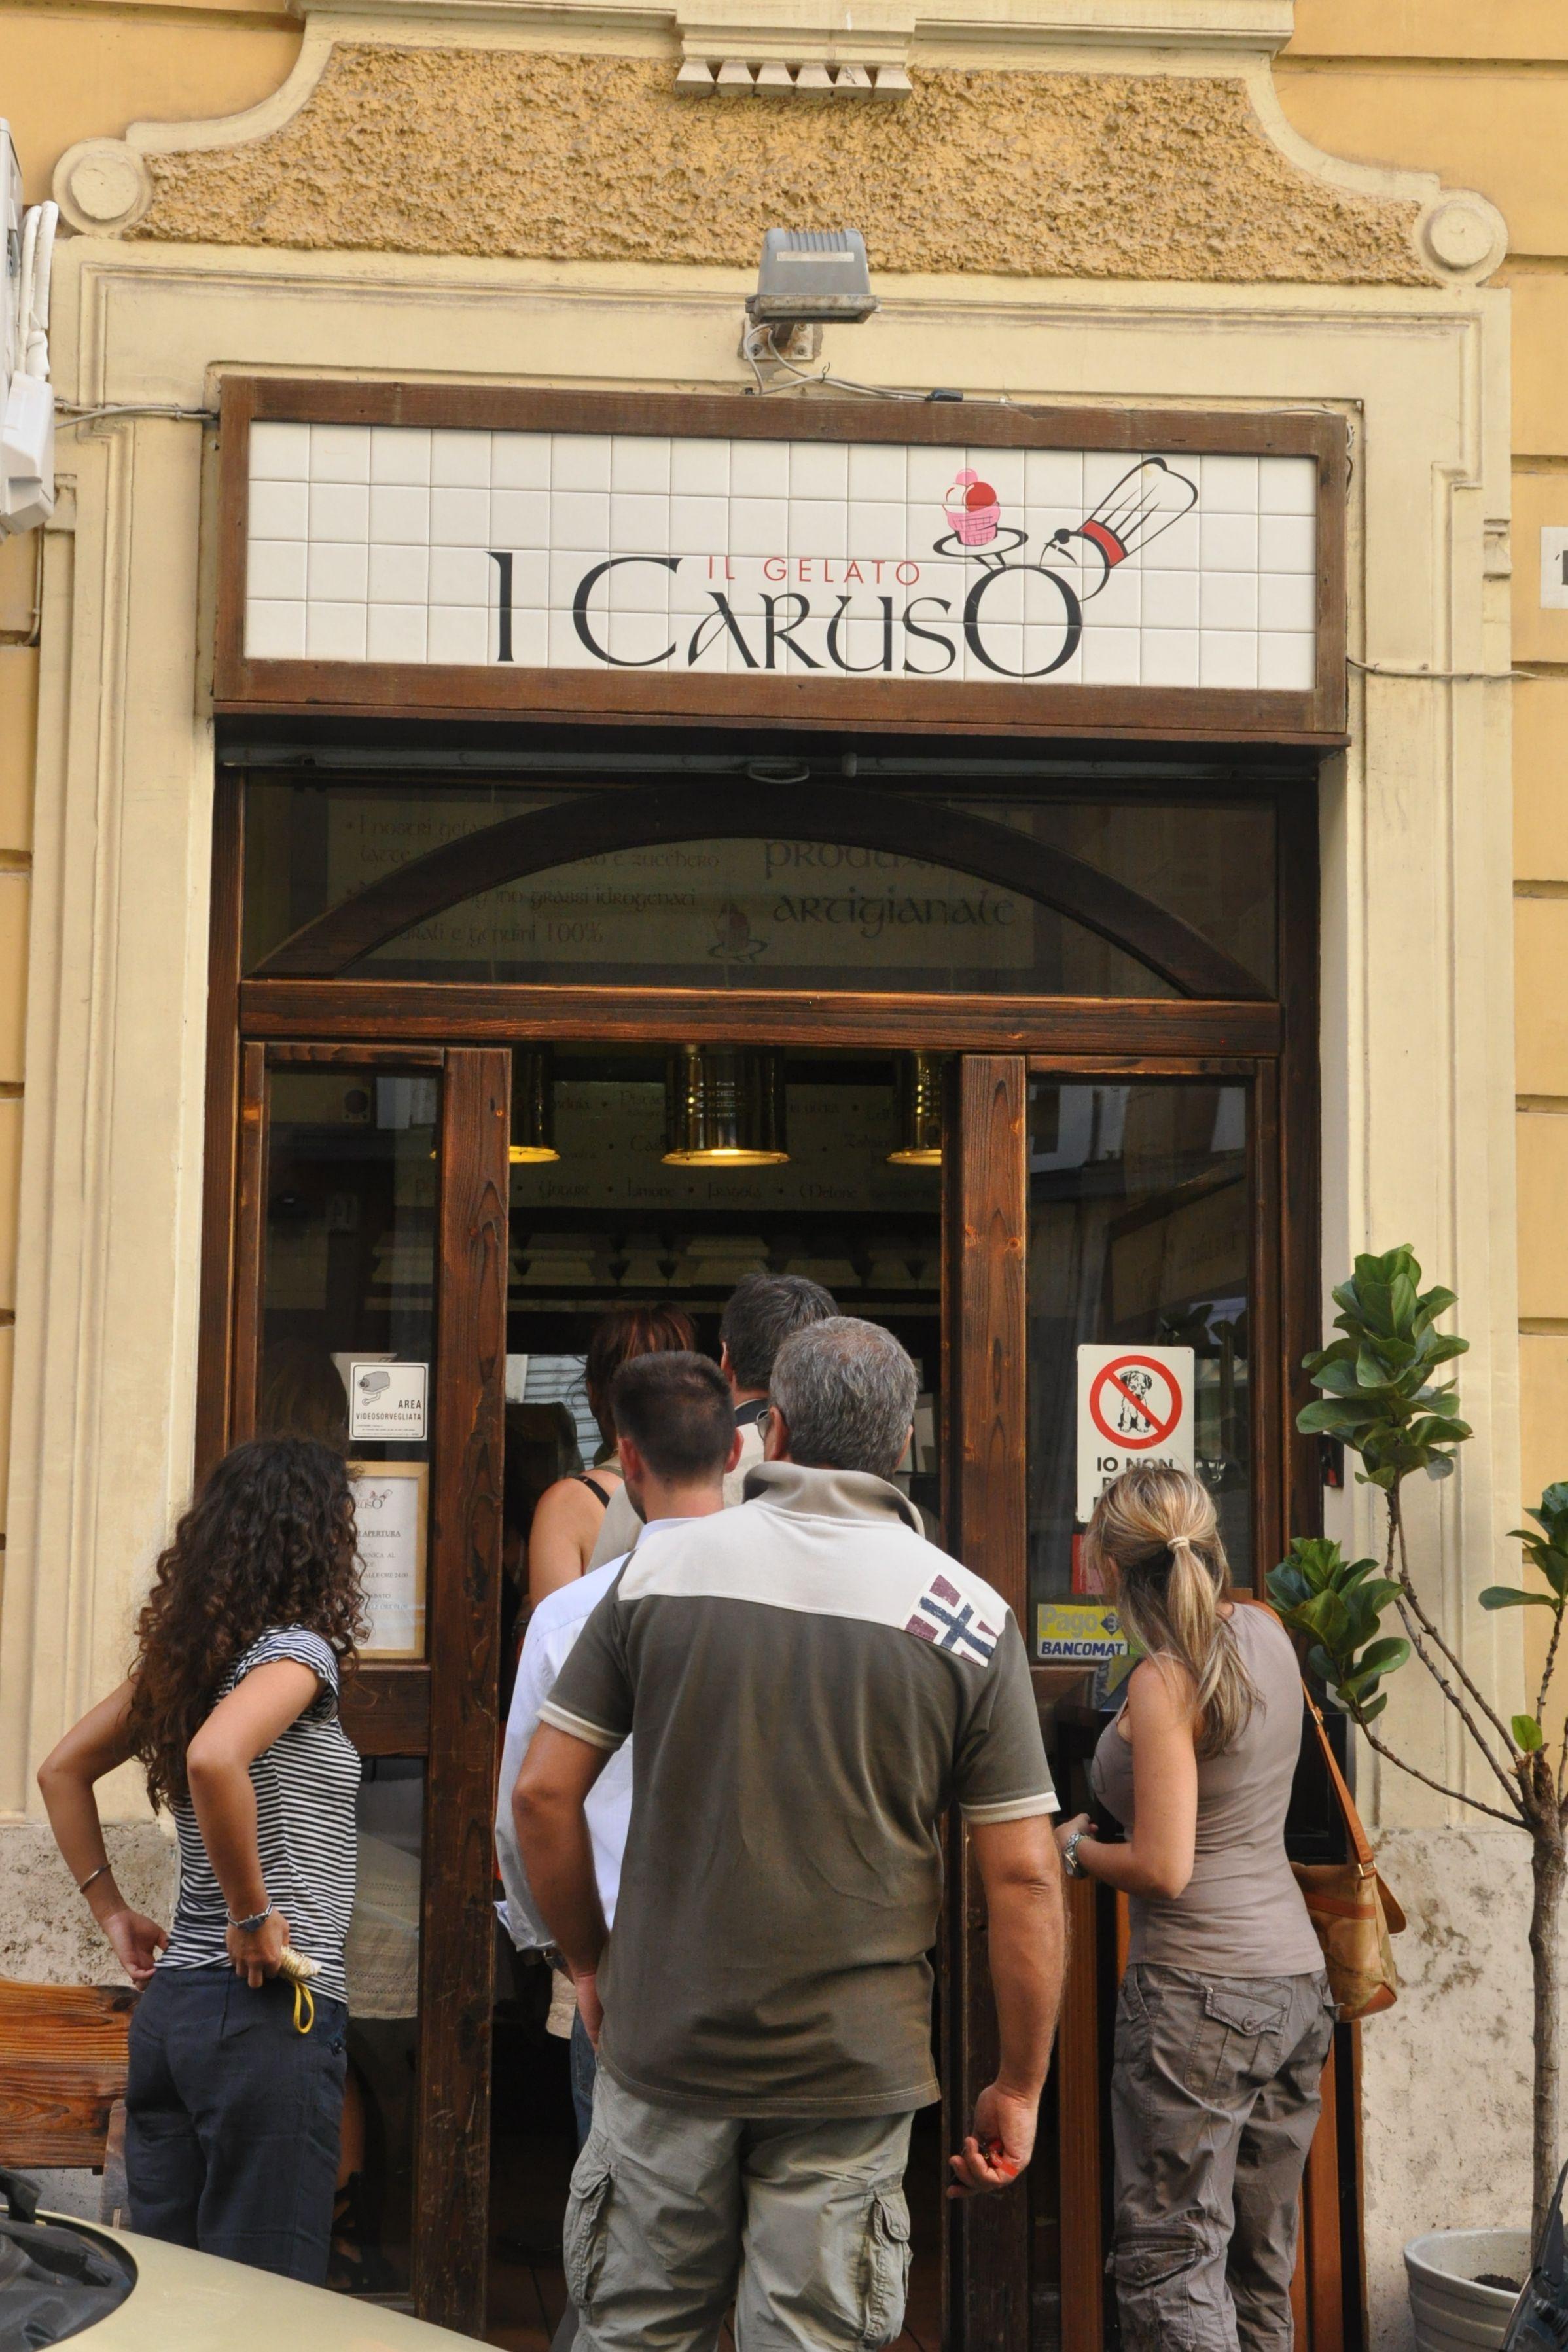 Locals at I Caruso in Rome, gelateria